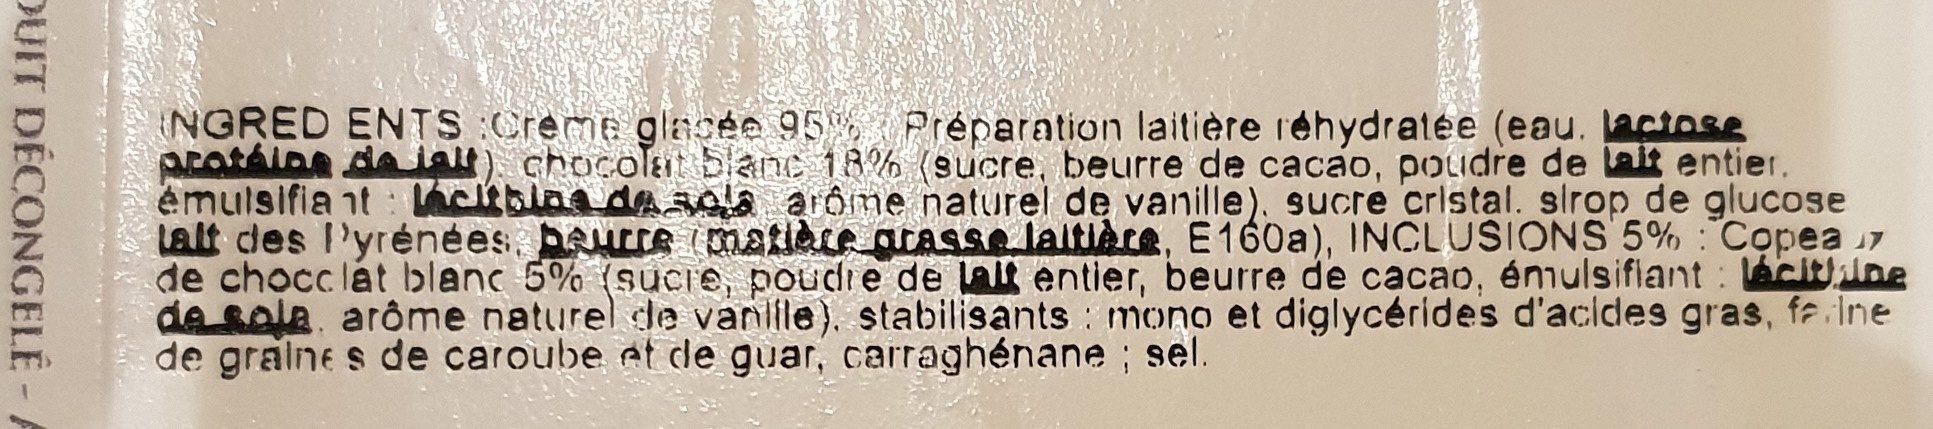 Crème Glacée Chocolat Blanc avec Copeaux de Chocolat Blanc - Ingrédients - fr